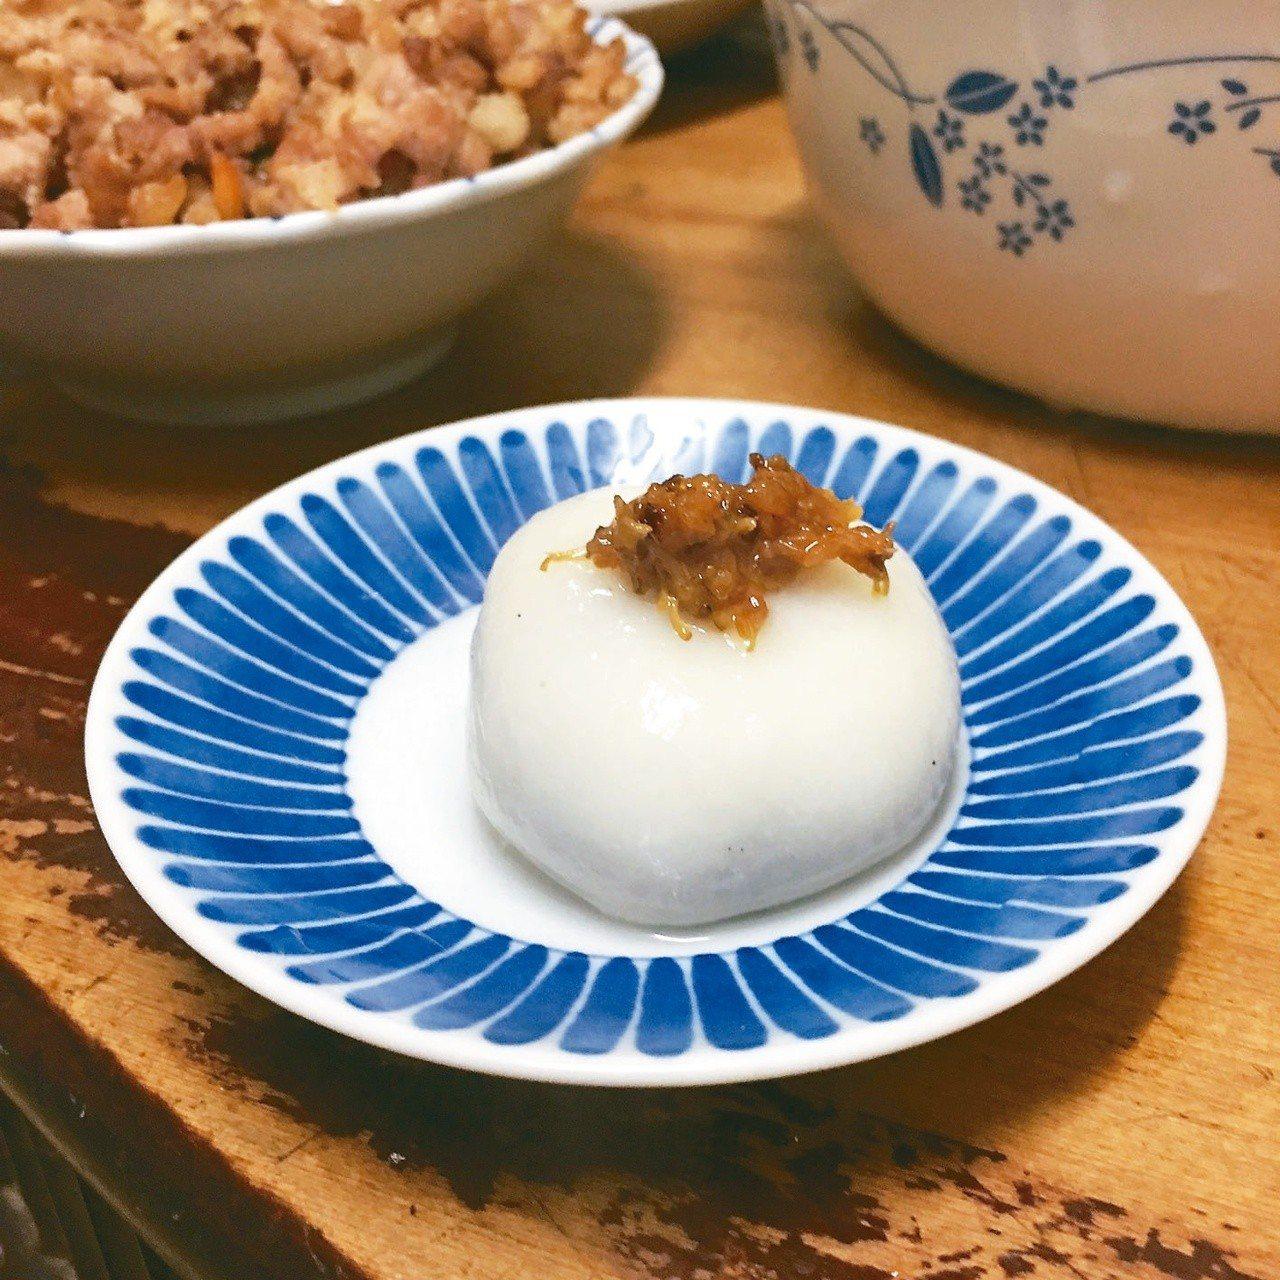 濃郁的芝麻湯圓是許多人的心頭好,你最喜歡哪種口味?圖/毛奇